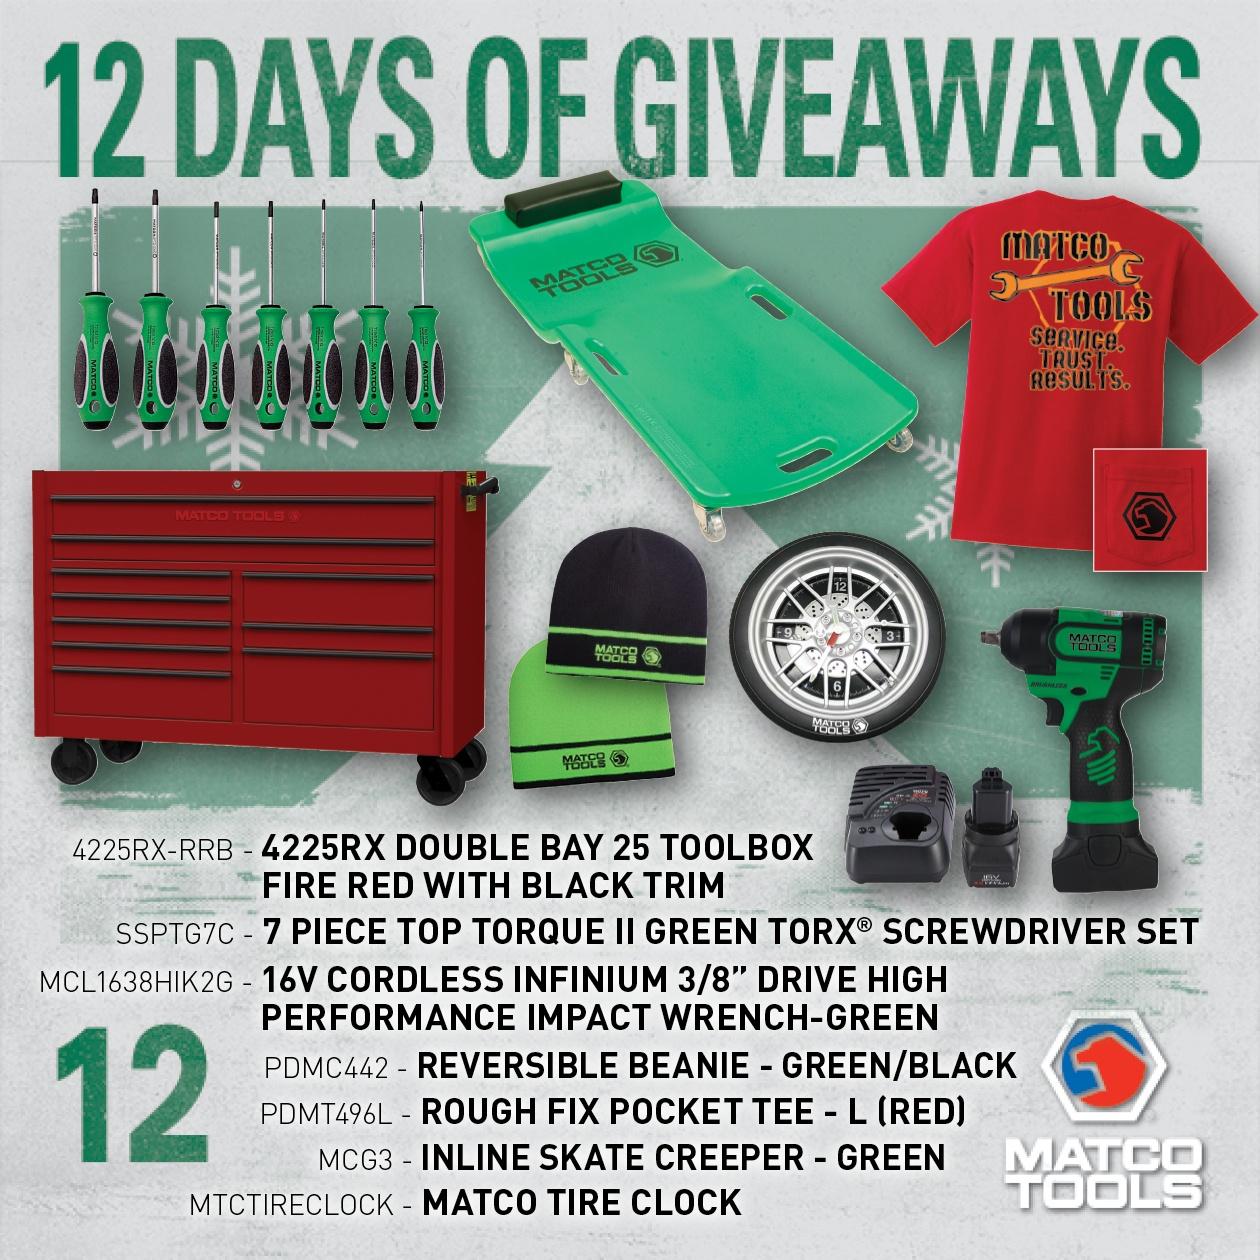 Matco tools giveaway